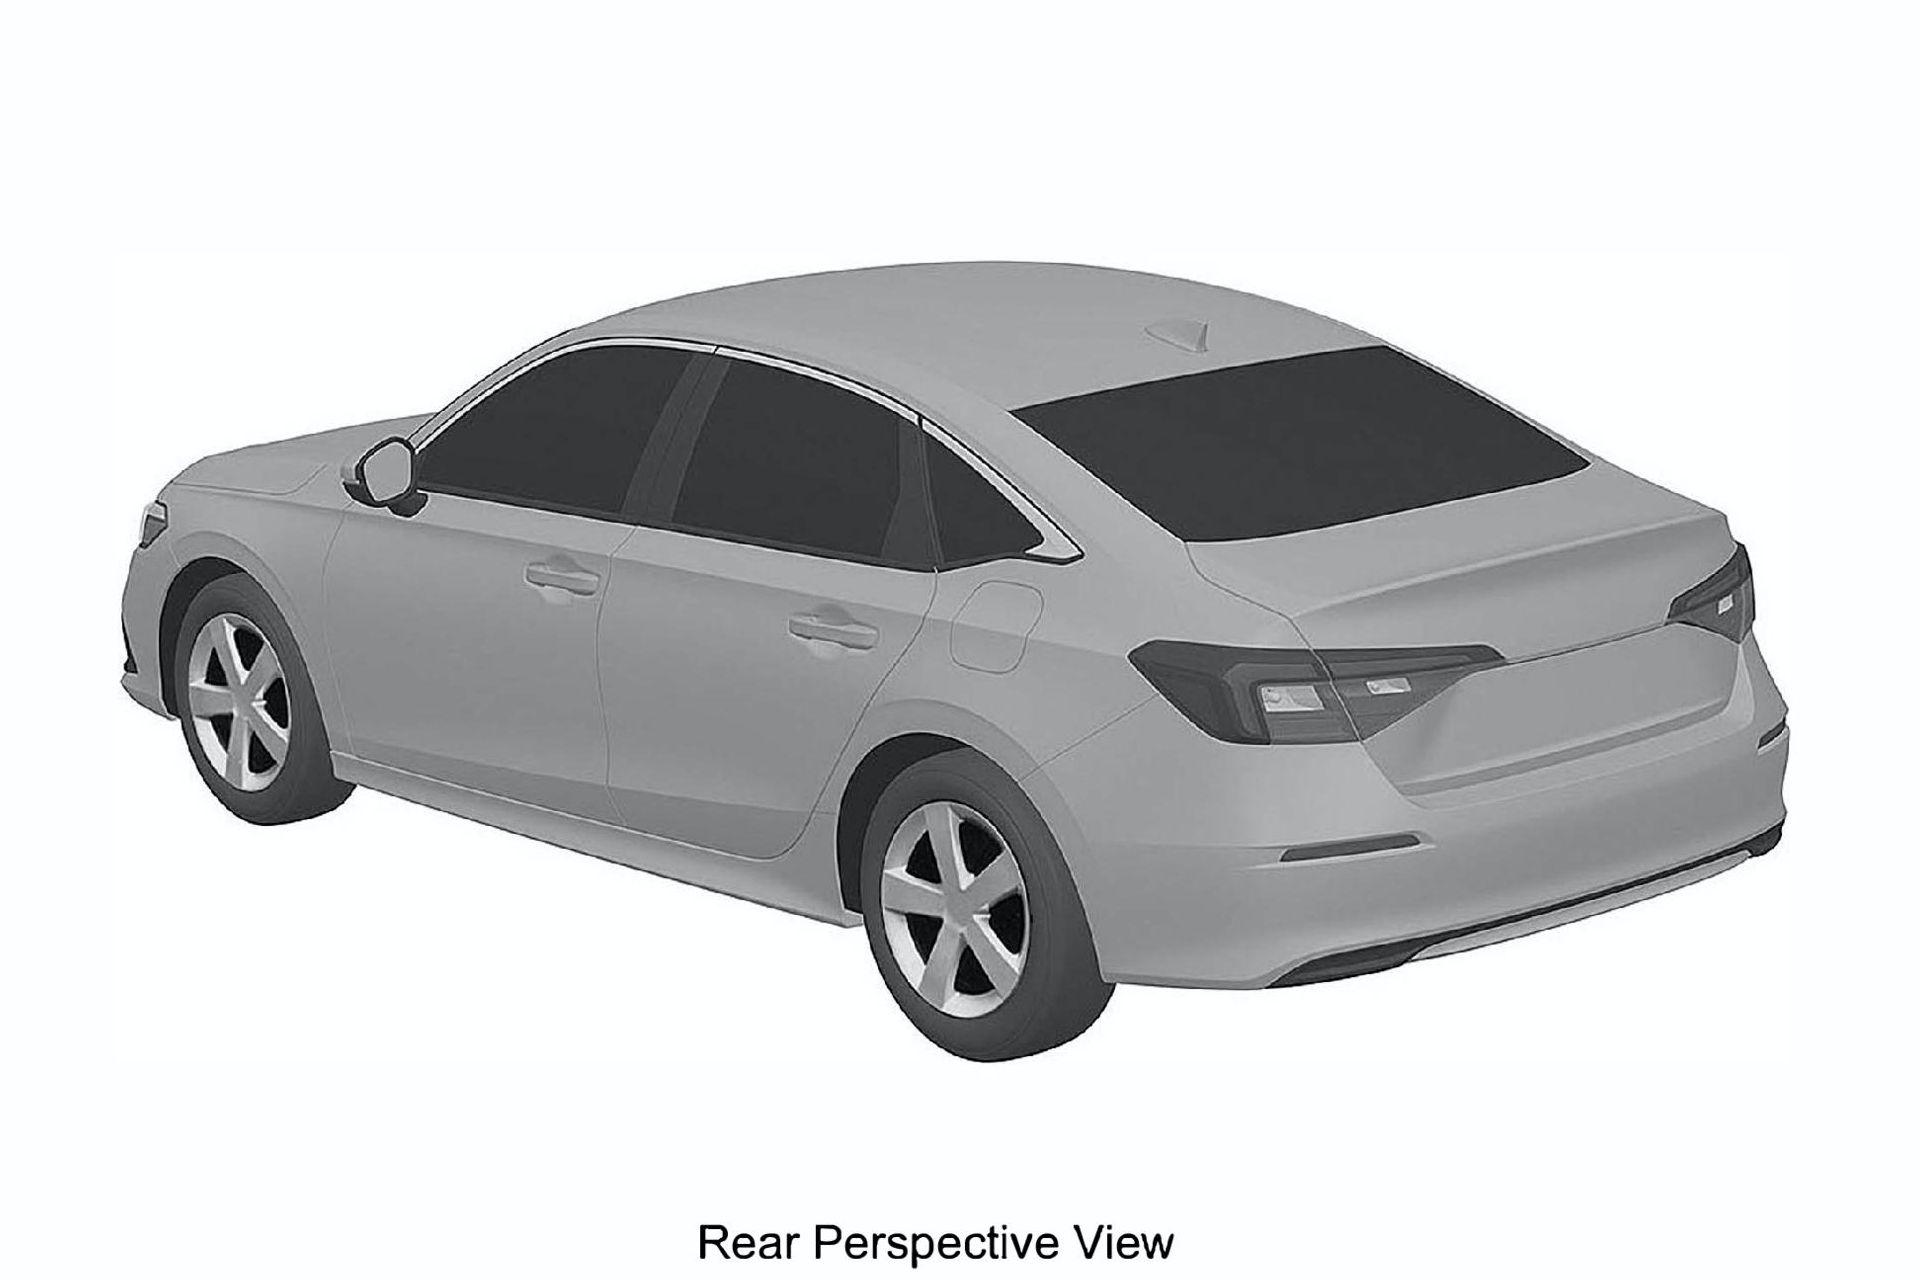 2022-Honda-Civic-Sedan-patent-images-2